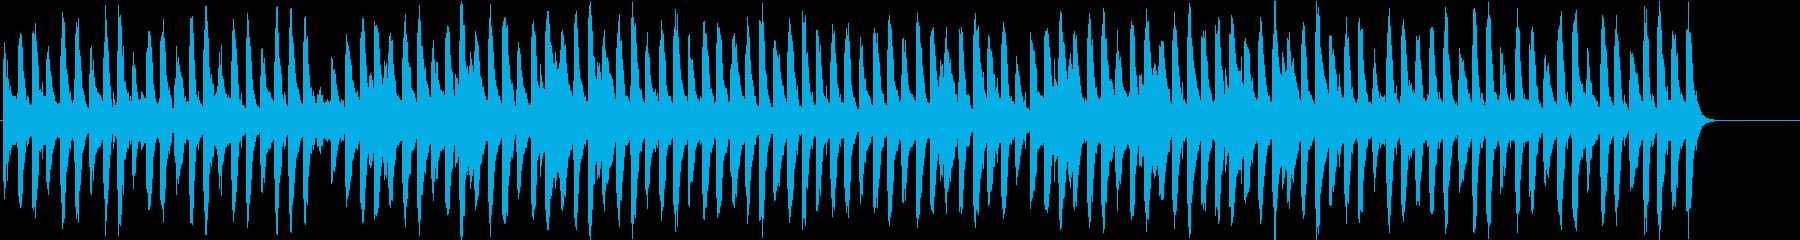 クリスマスの定番ソングの再生済みの波形